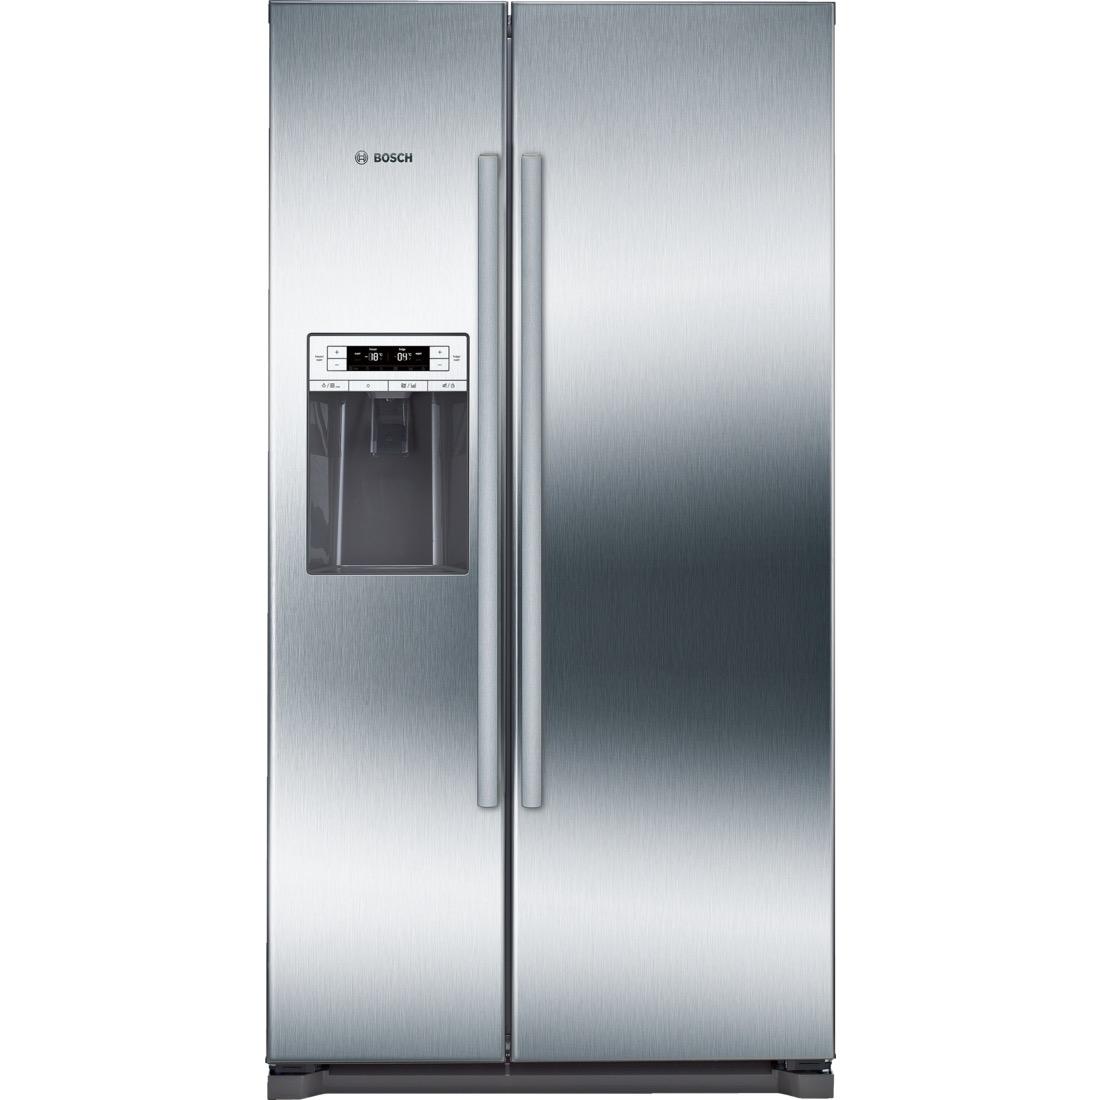 side-by-side koelkast vrijstaand Bosch KAD90AI30 side-by-side koelkast vrijstaand KAD 90AI30 KAD 90 AI 30